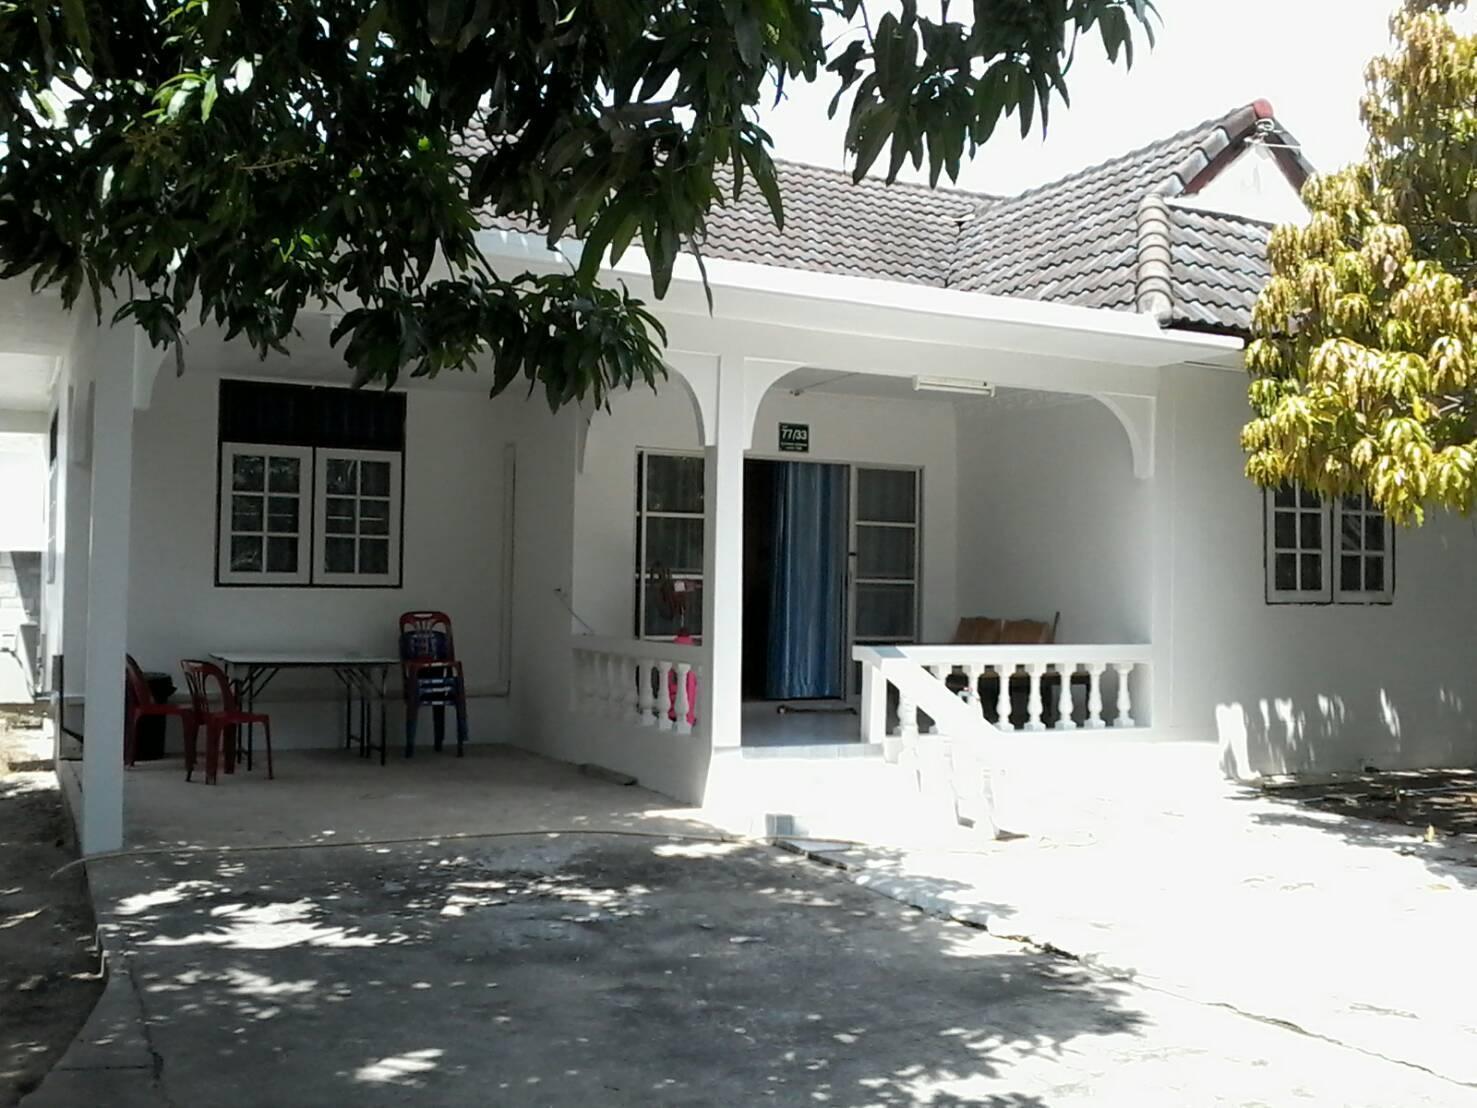 Mae Rampung beach house N6 บ้านเดี่ยว 3 ห้องนอน 2 ห้องน้ำส่วนตัว ขนาด 200 ตร.ม. – หาดระยอง